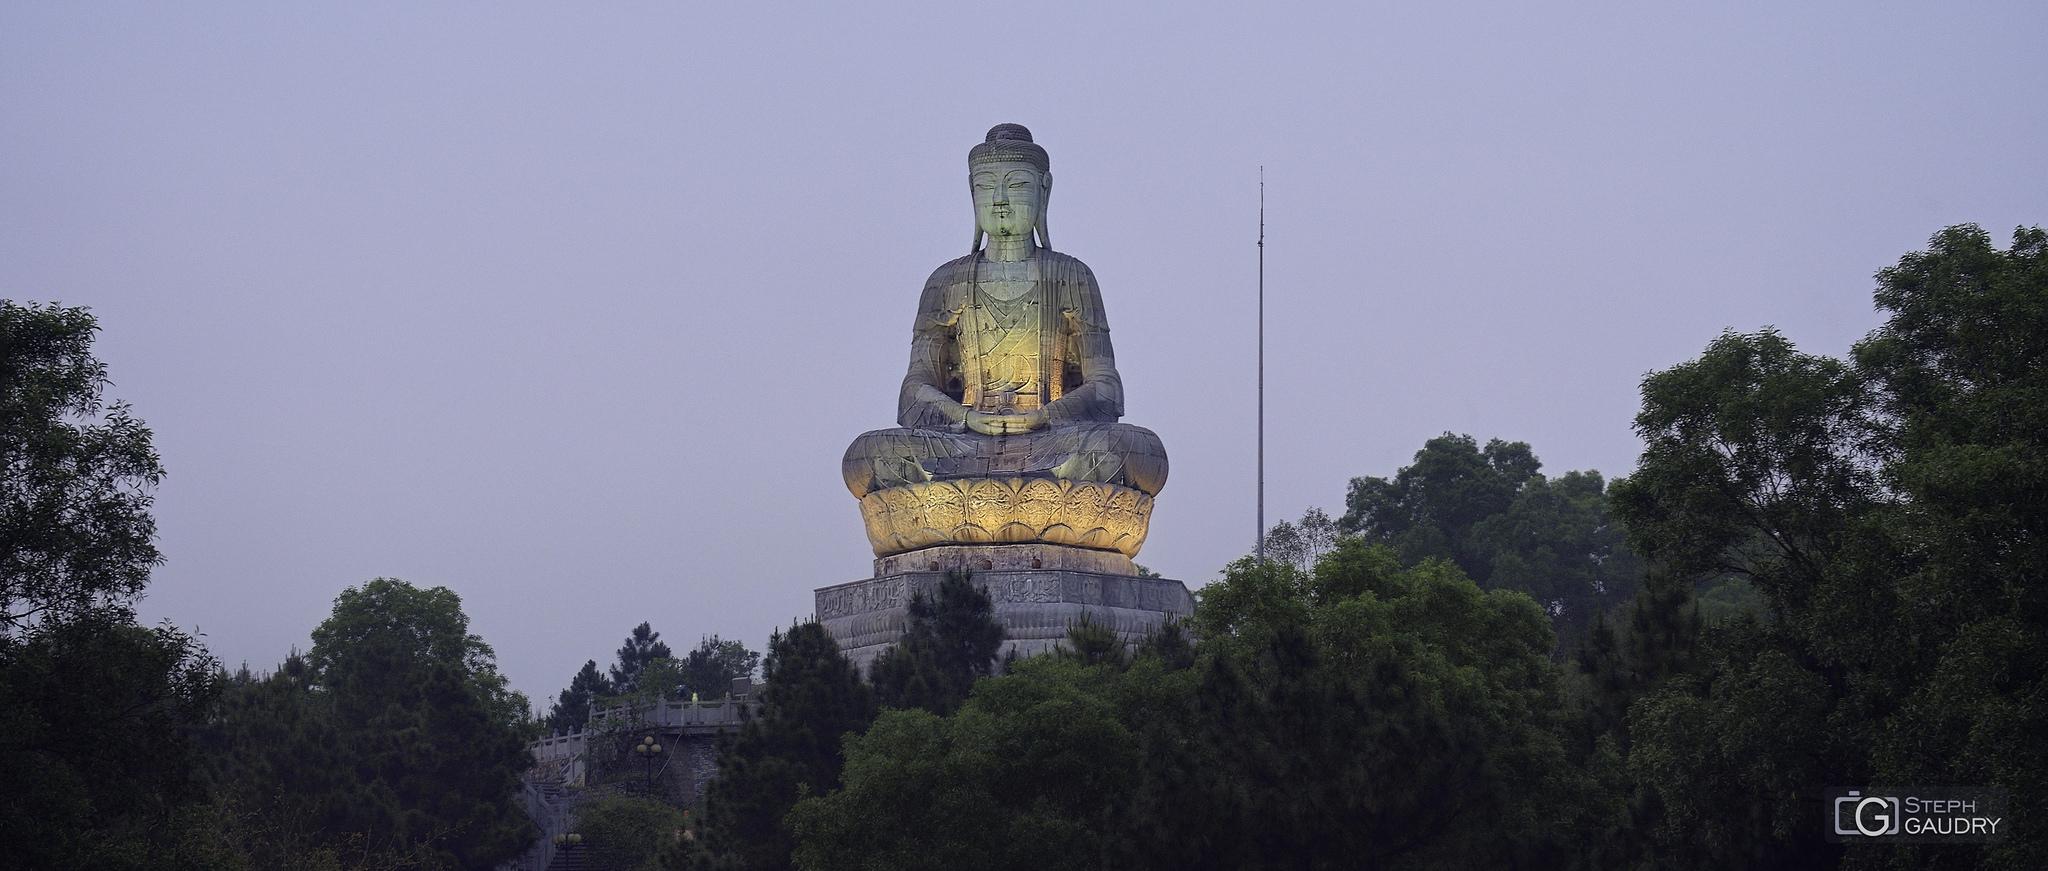 Phat Tich - Statue géante de Bouddha au sommet du mont Lan Kha [Cliquez pour lancer le diaporama]